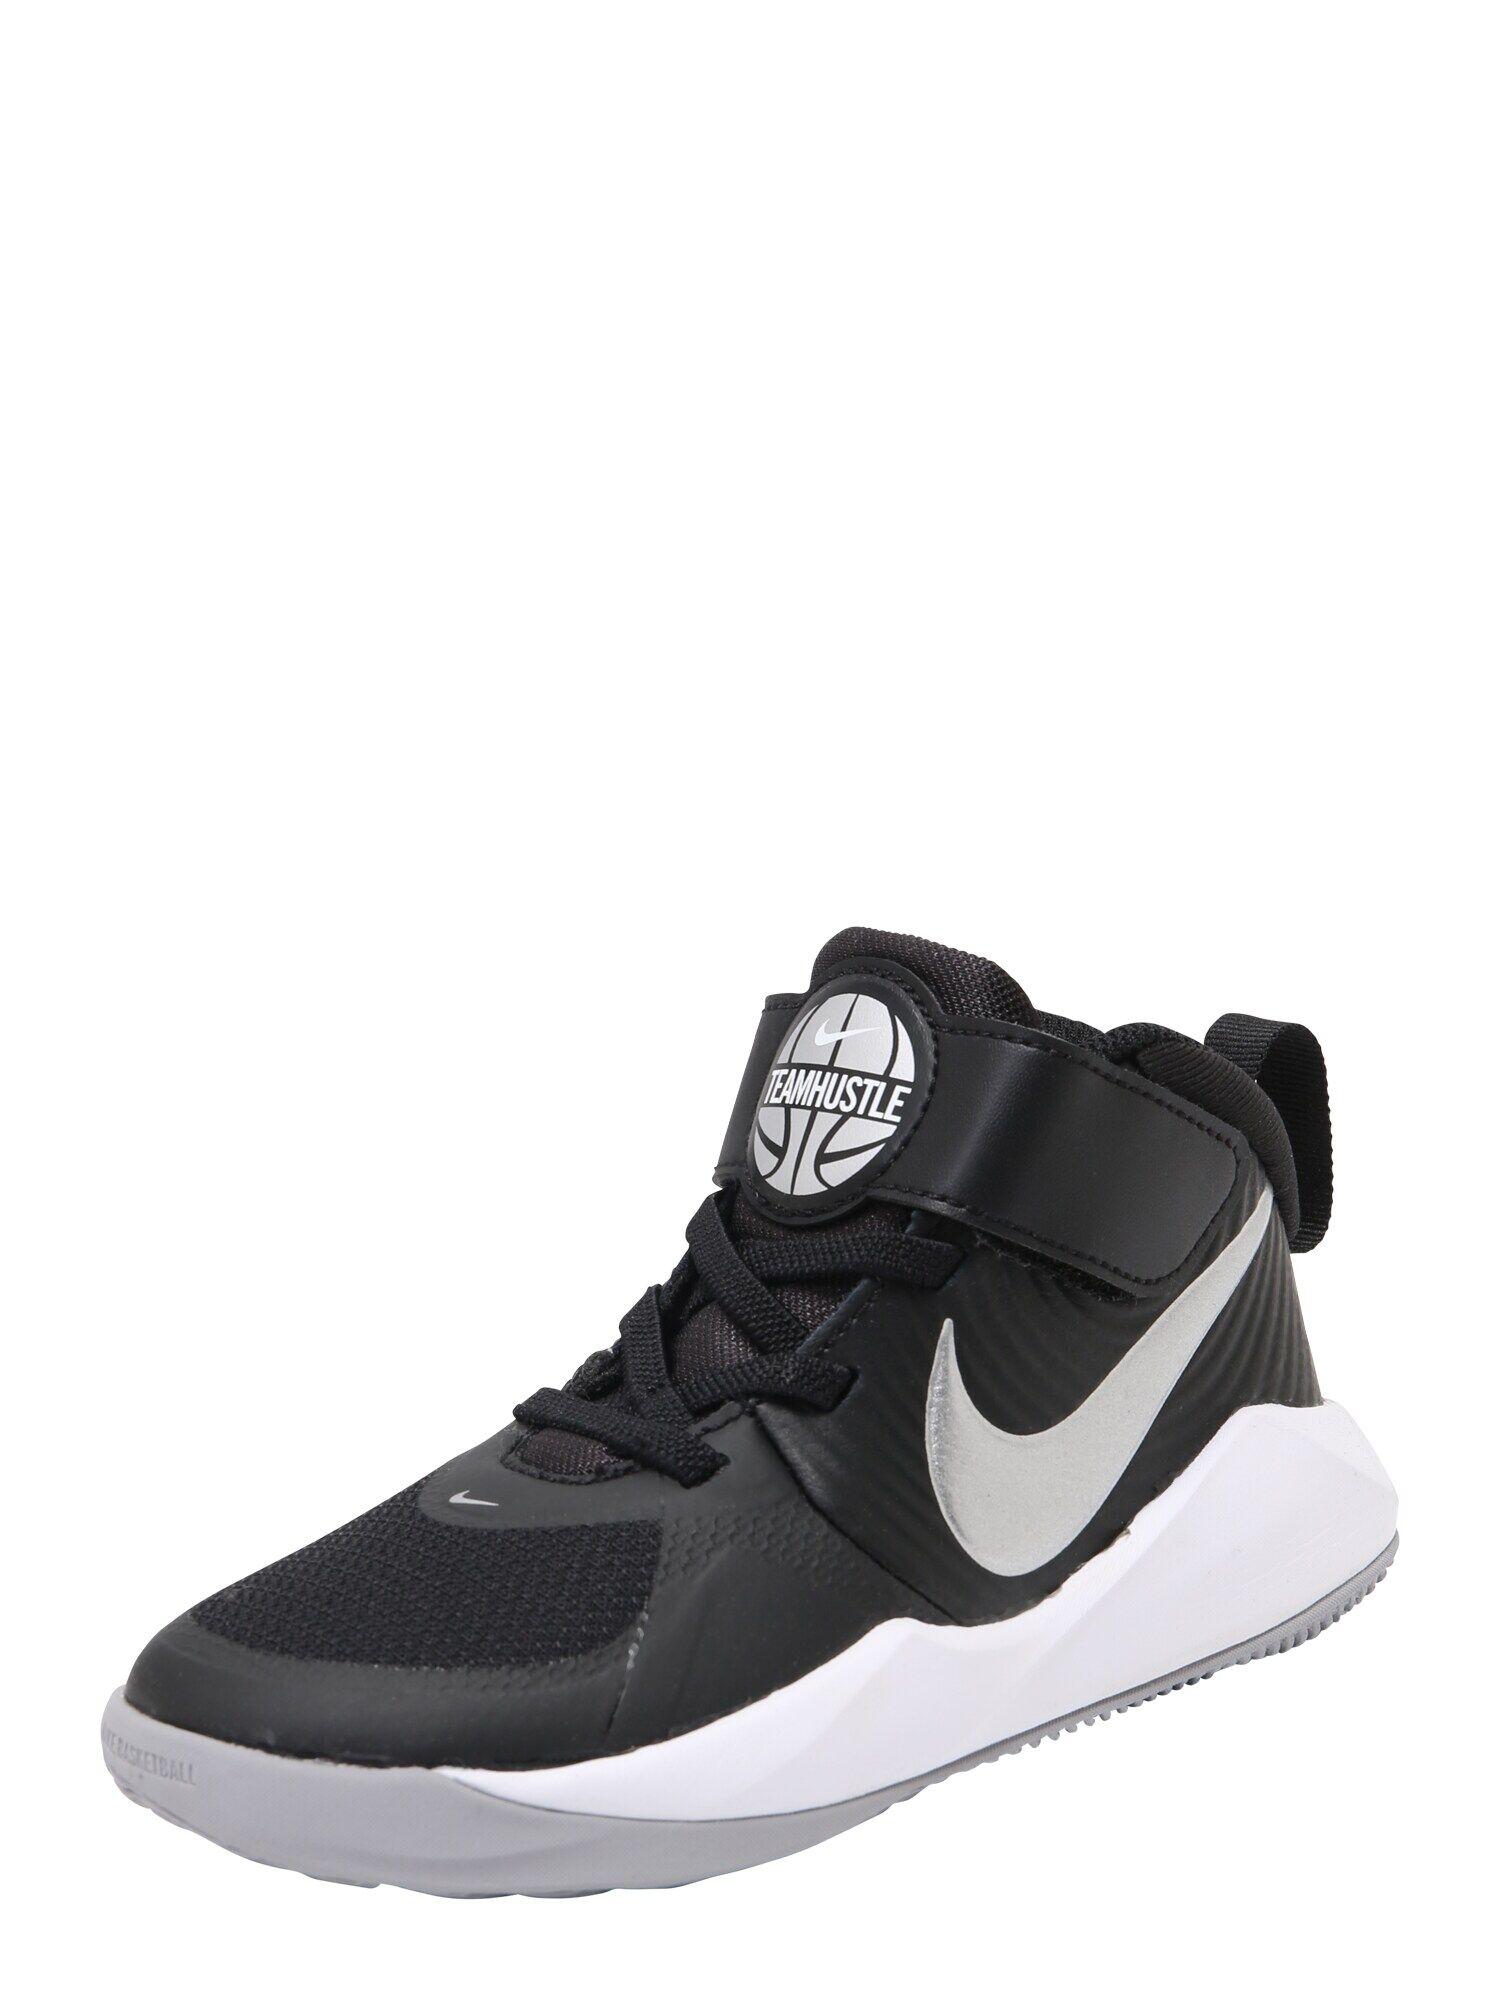 NIKE Chaussure de sport  - Noir - Taille: 2.5Y - boy